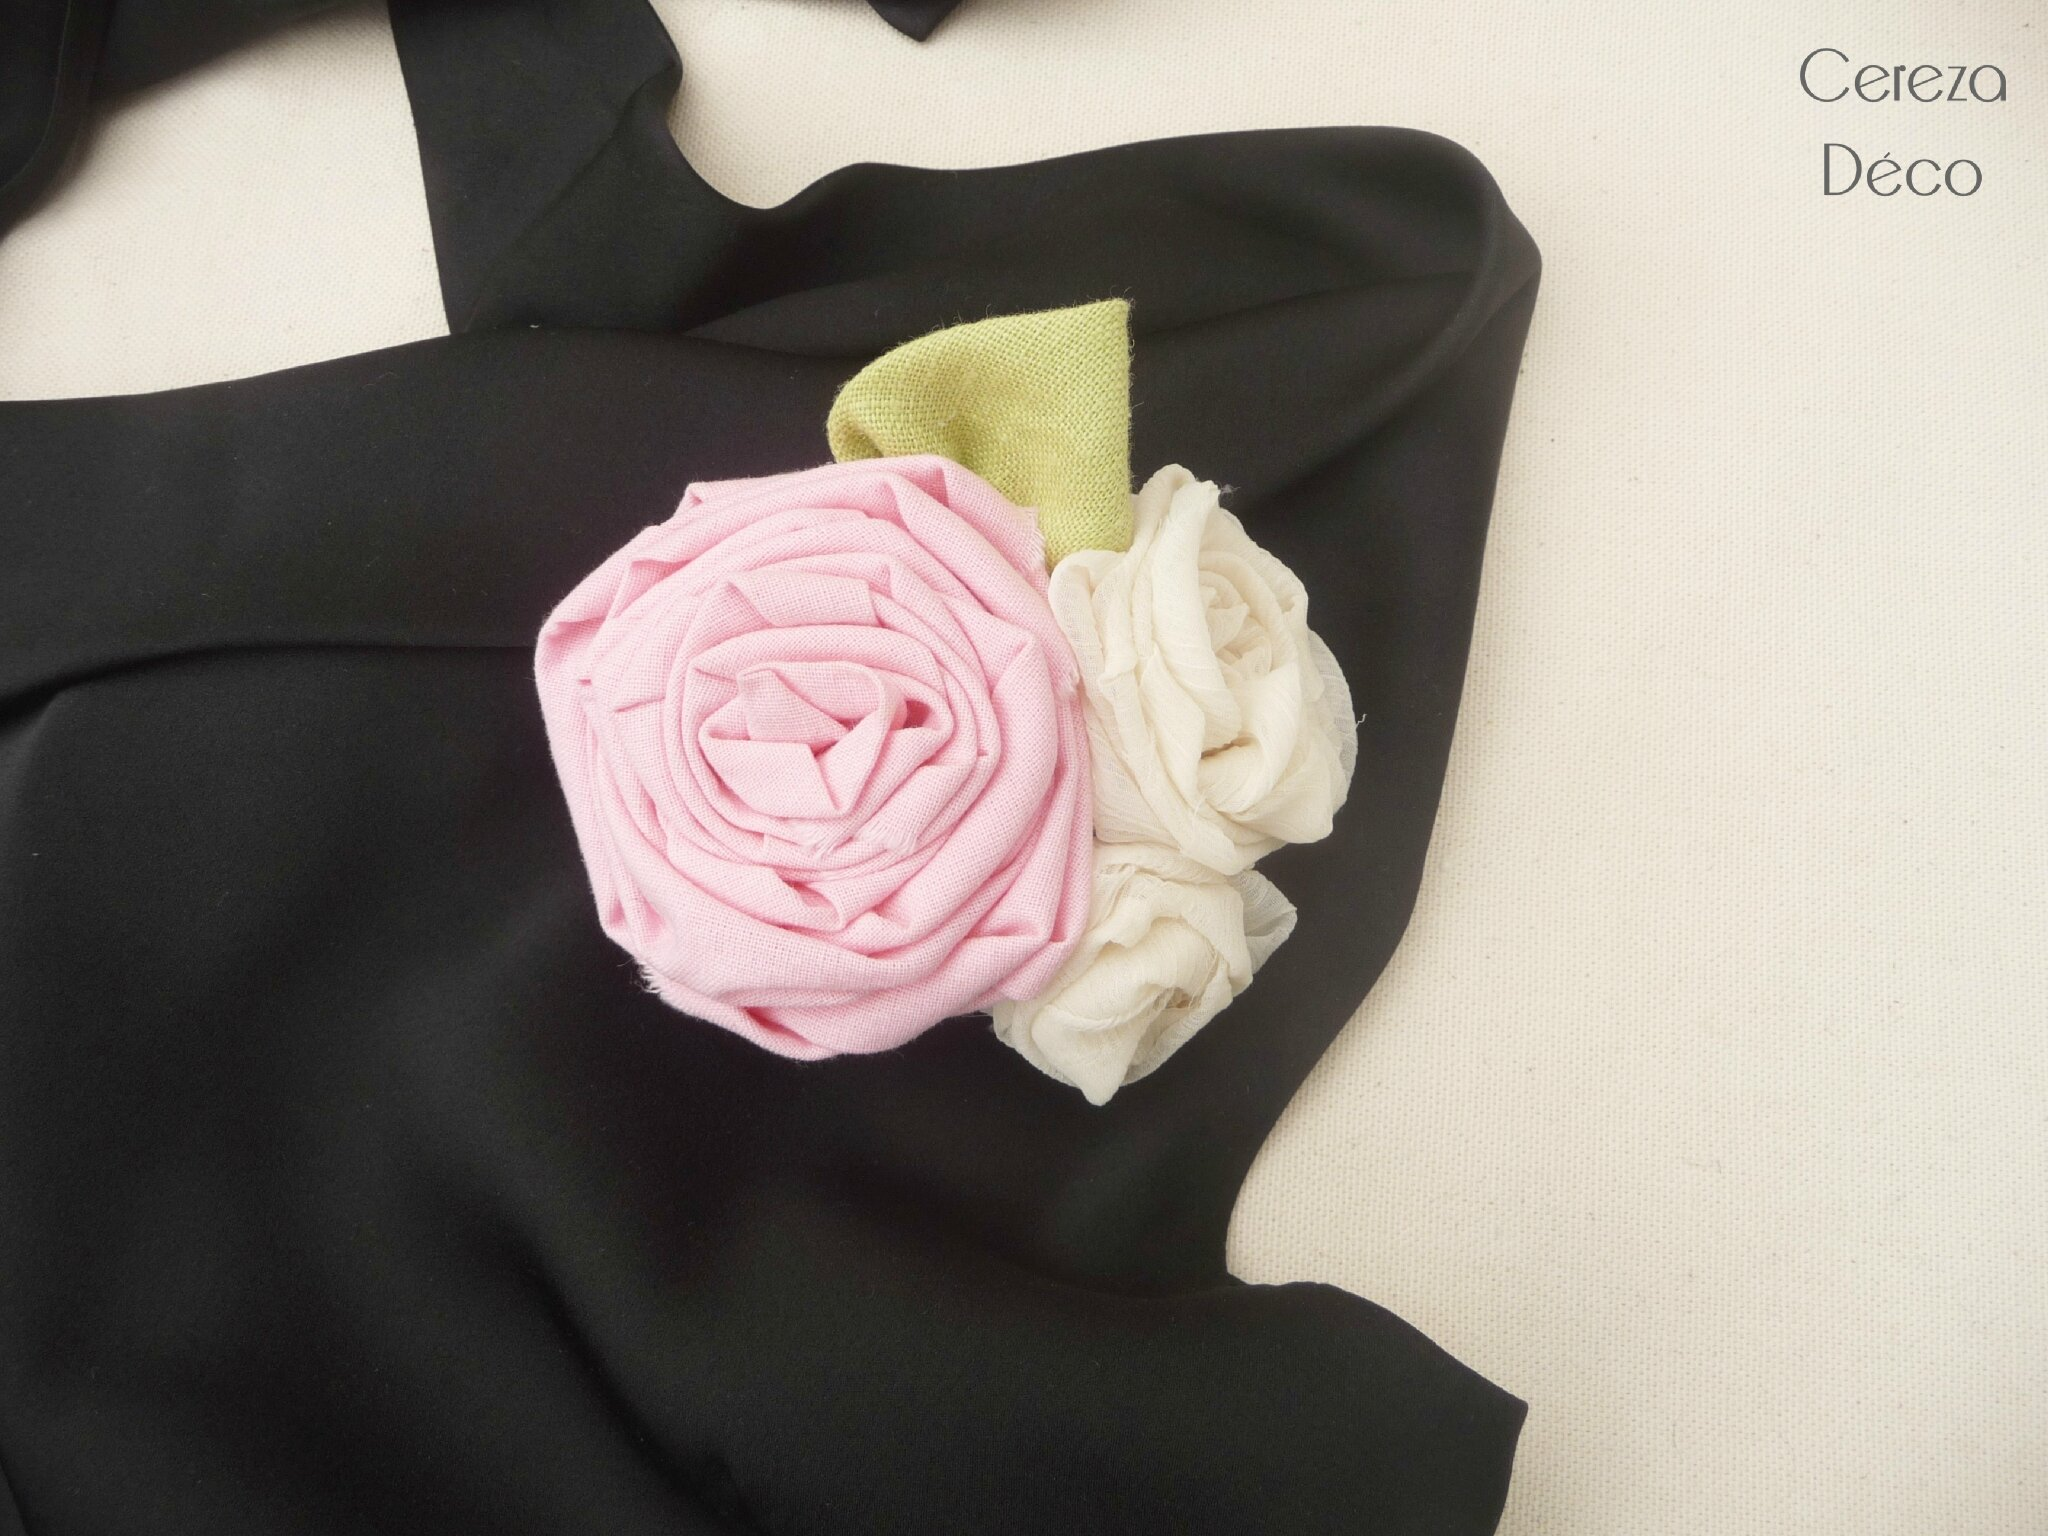 broche pastel mariage champetre mariage grande fleur rose poudré mousseline 4